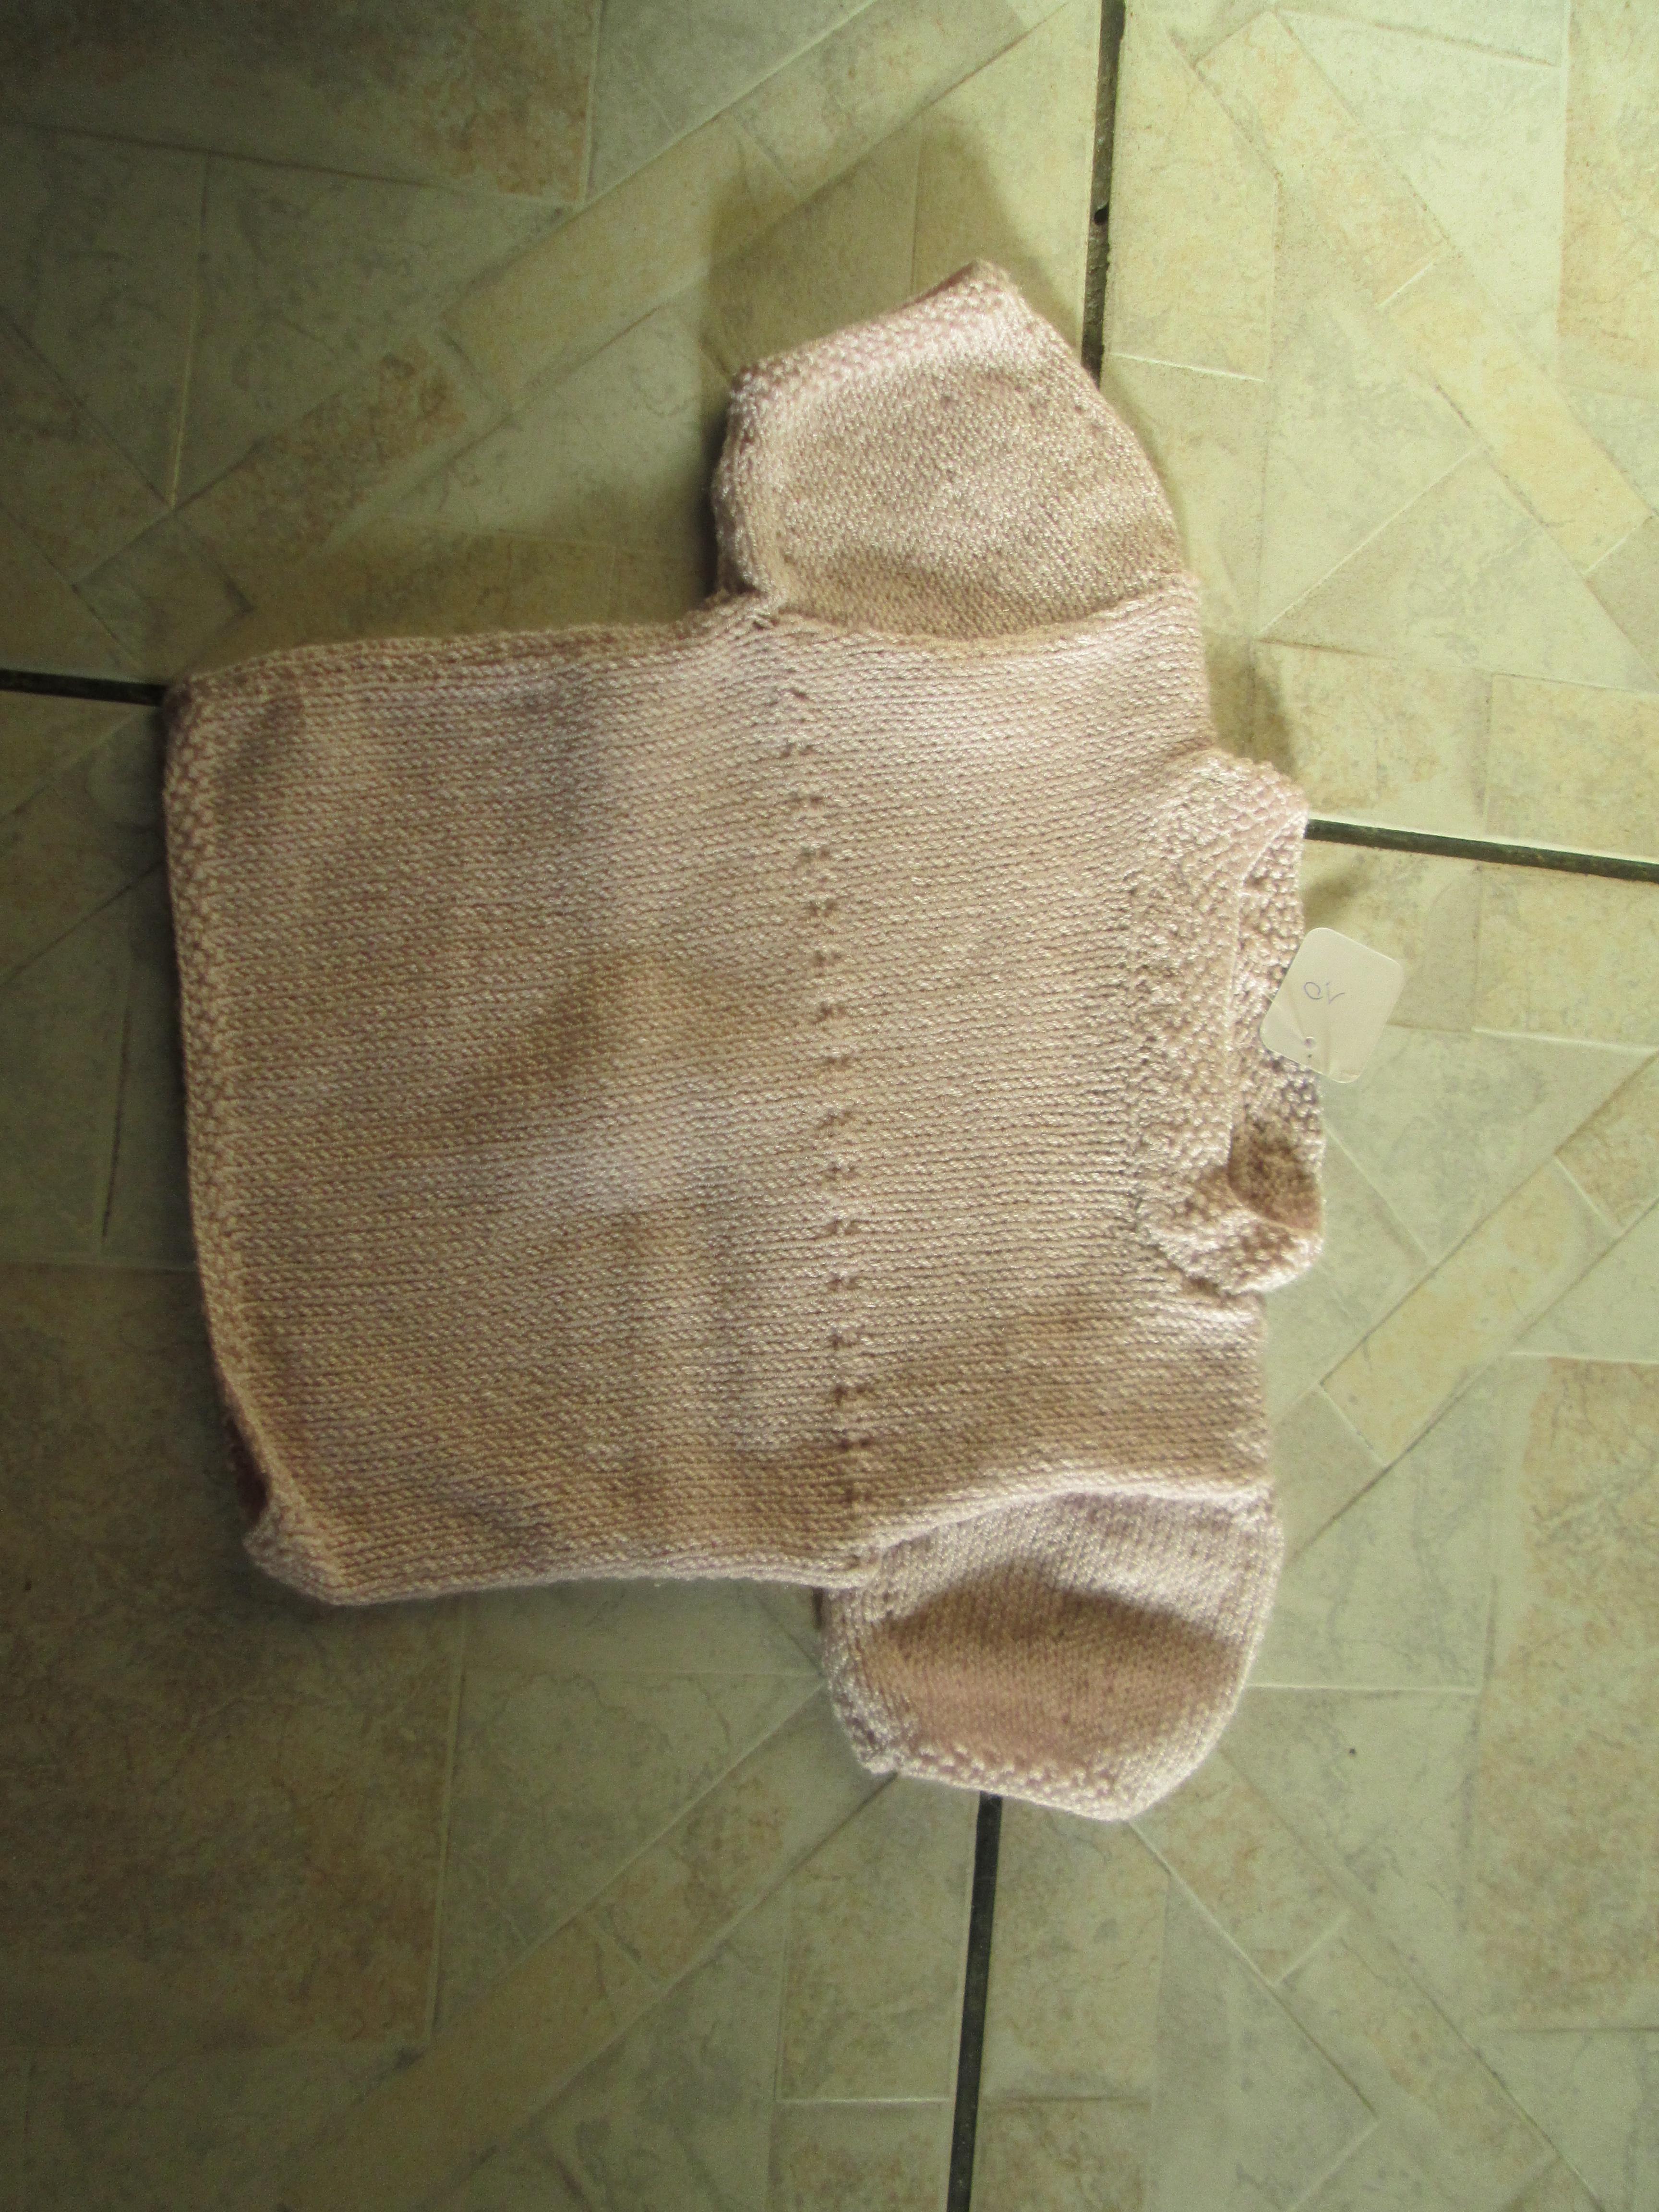 troc de troc pull laine 3 mois m courtes 5 noisettes image 0